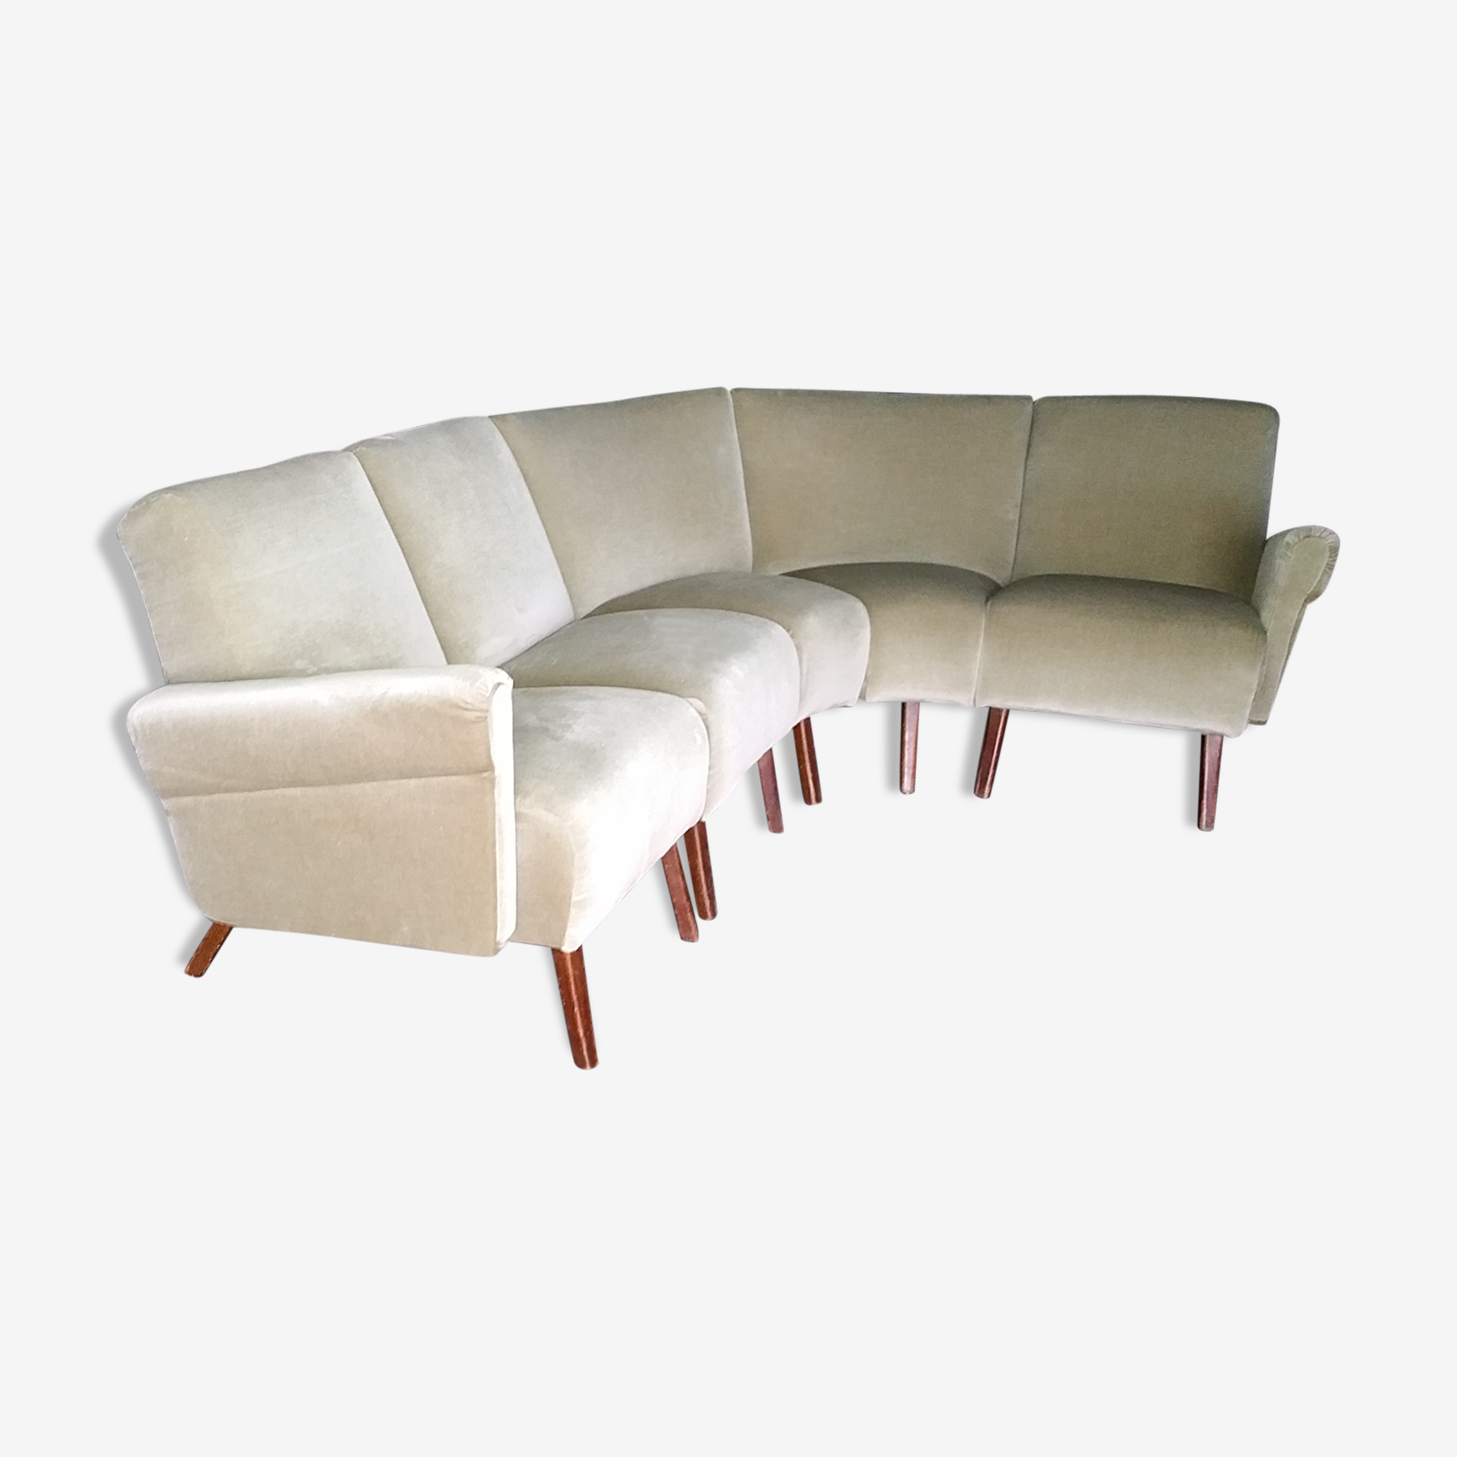 Canapé d'angle modulable 5 places années 50-60